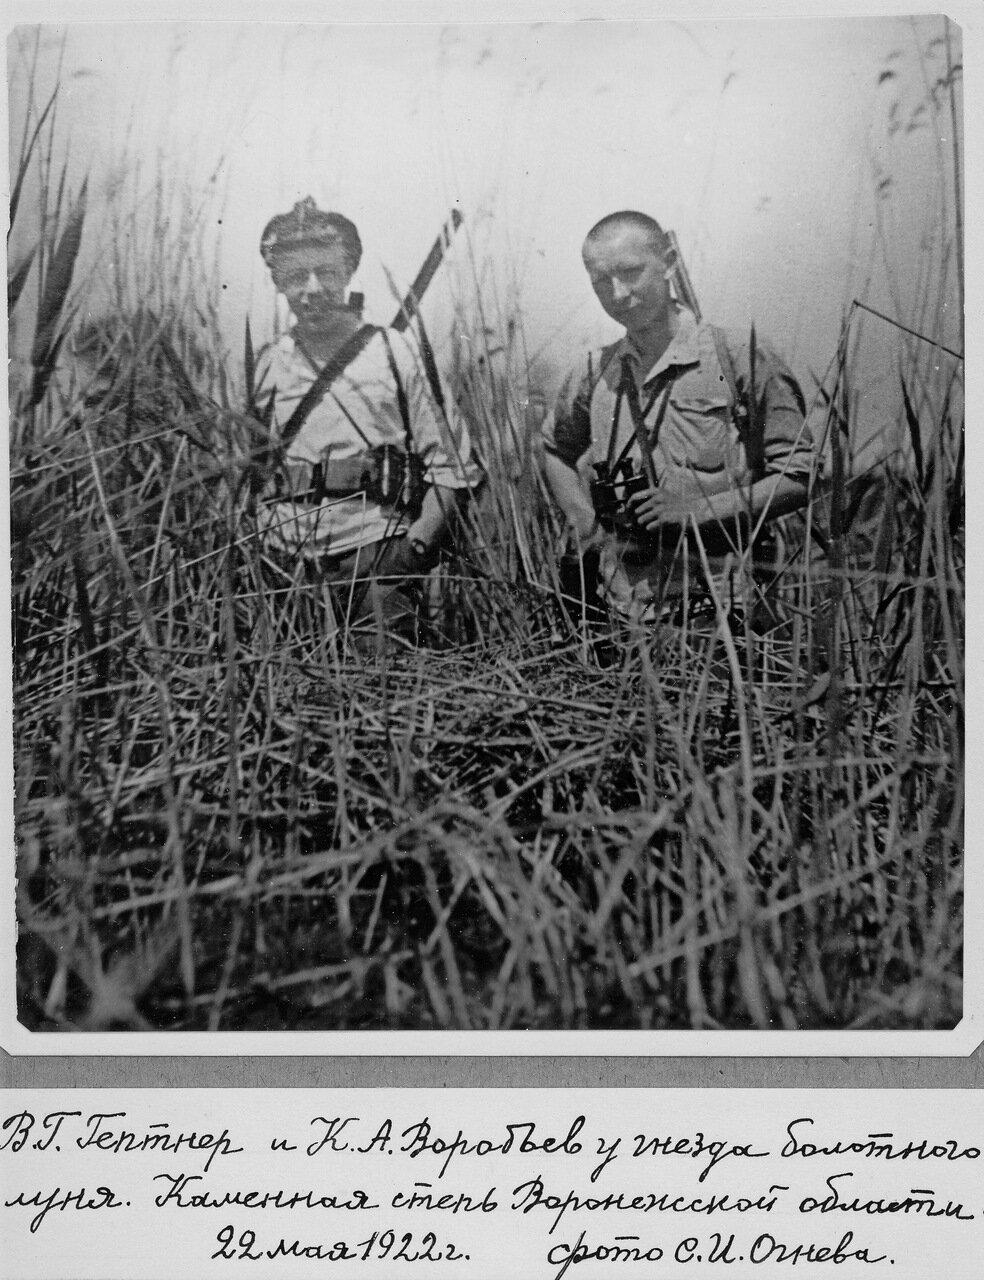 1922. Студенты Воробьев и Гептнер - будущие крупные отечественные зоологи